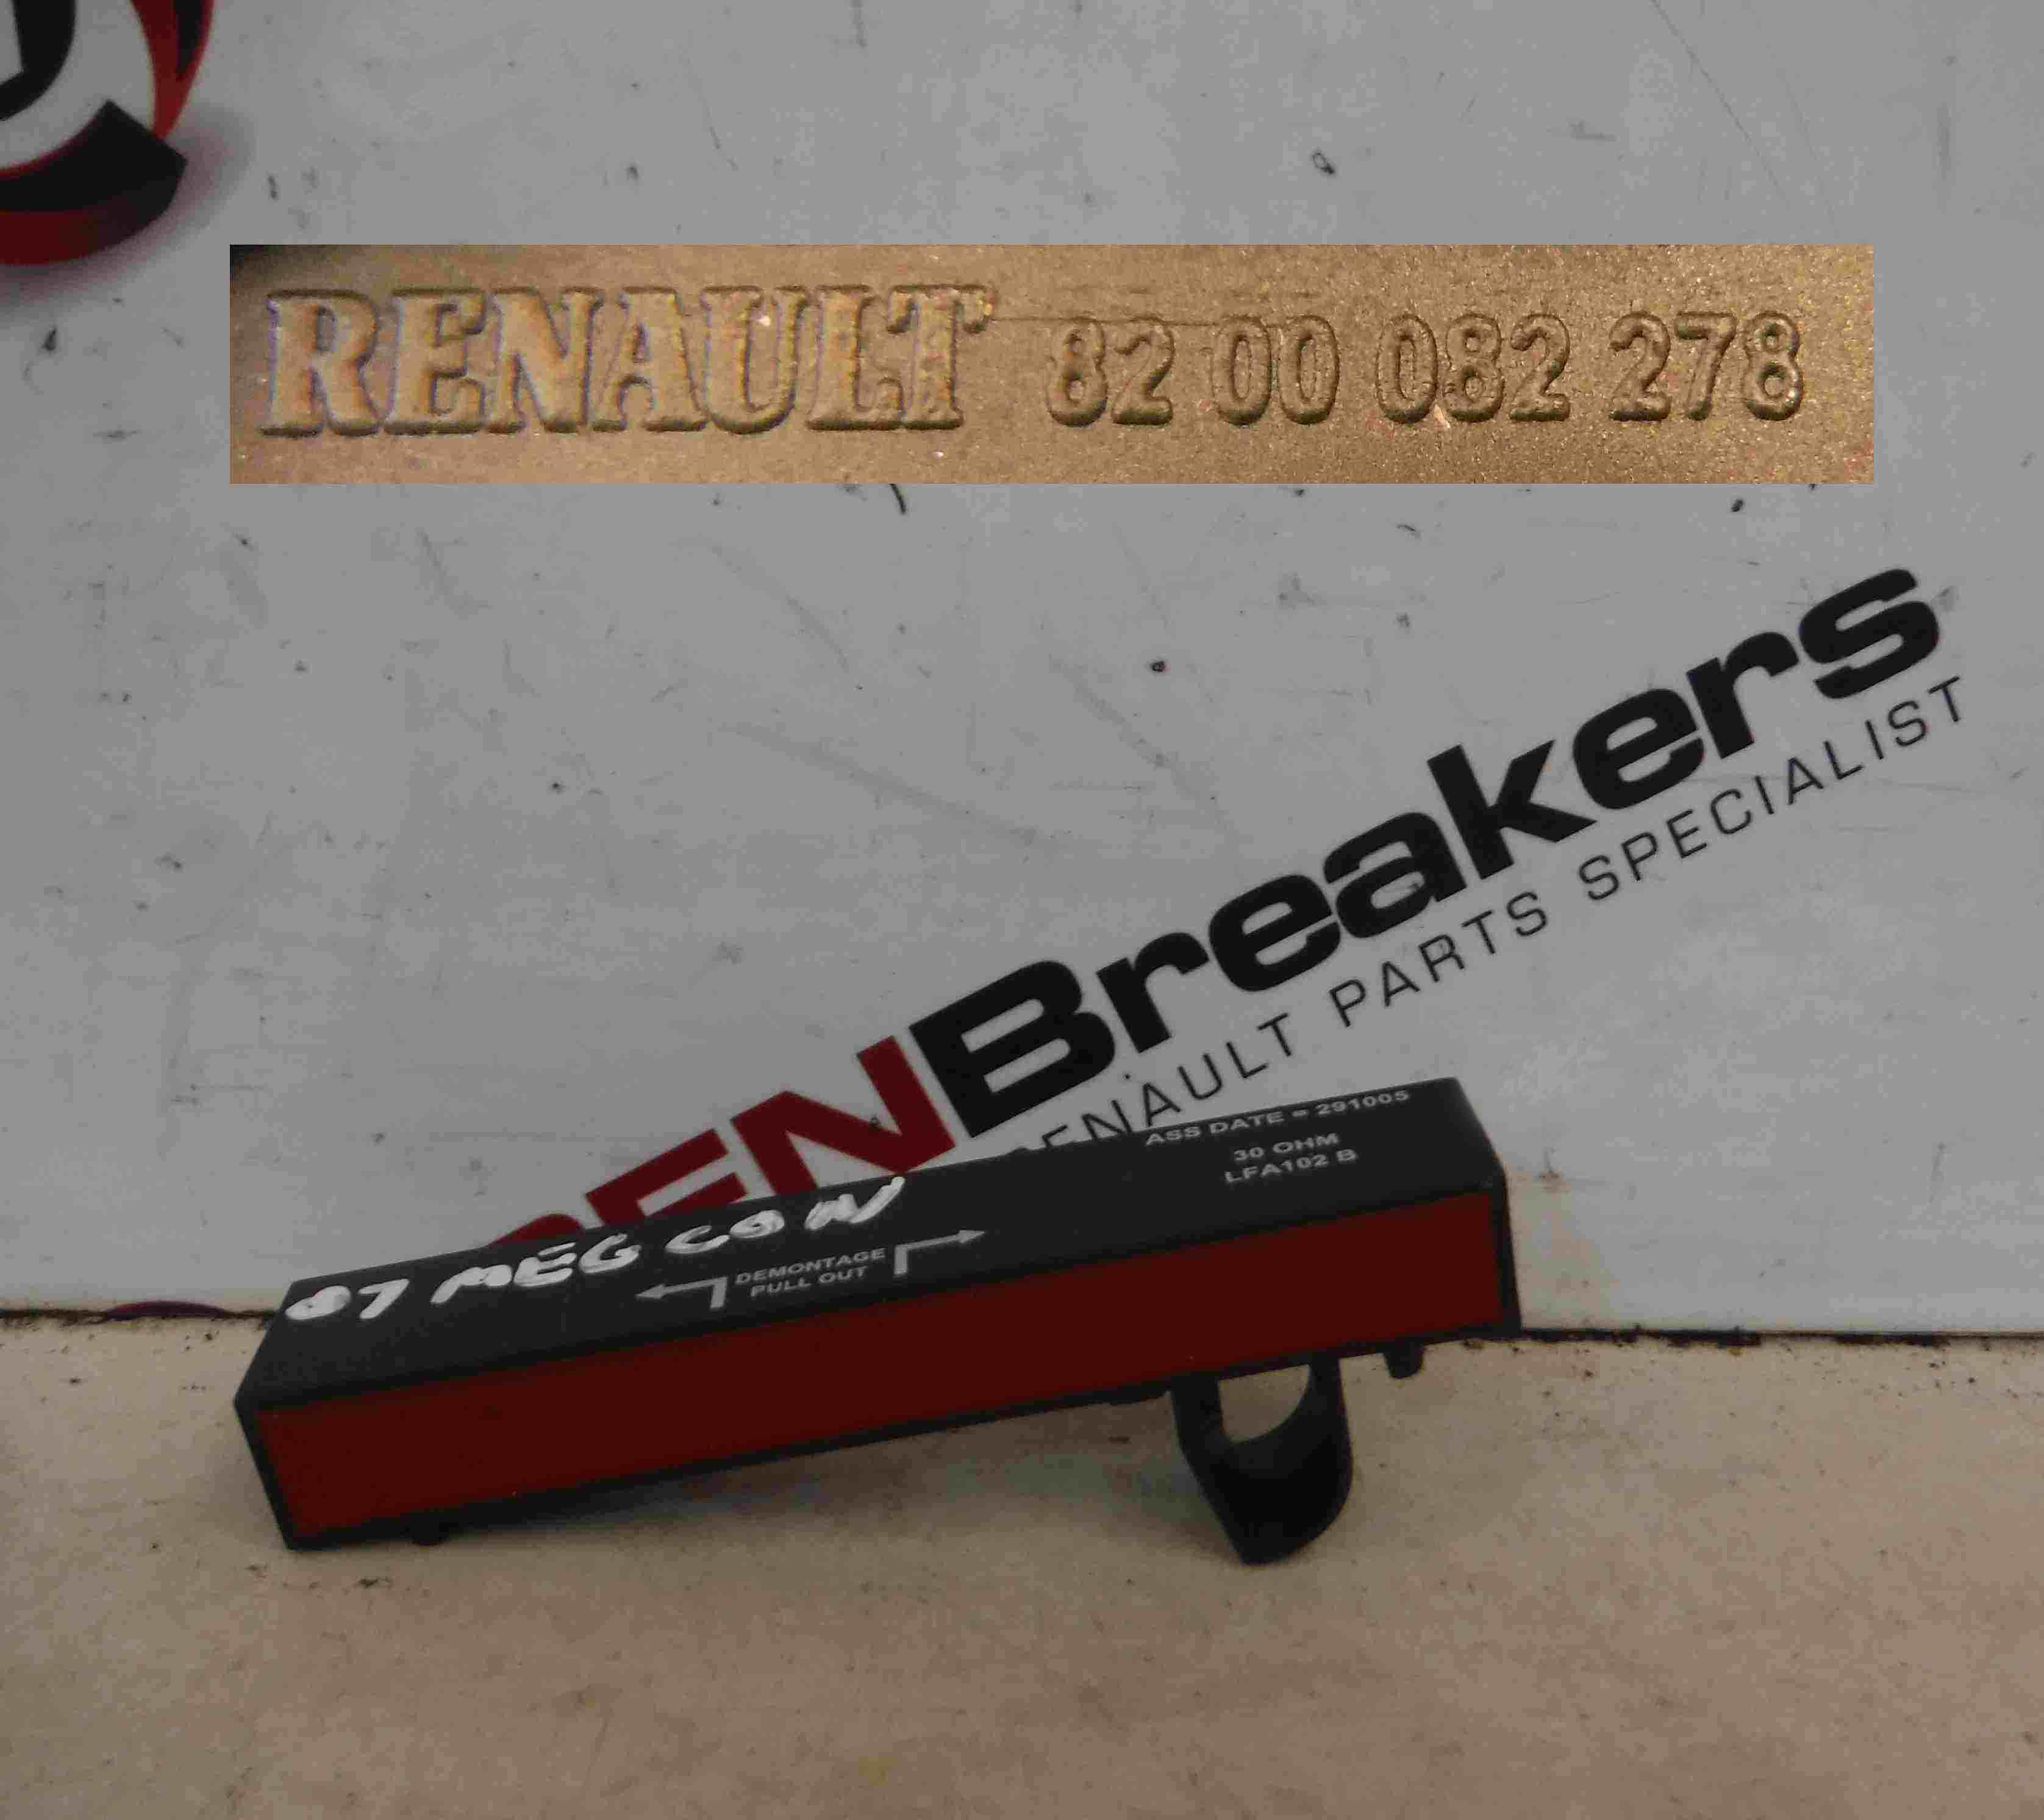 Renault Megane 2002-2008 Aerial Transmitter Antenna Handsfree 8200082278